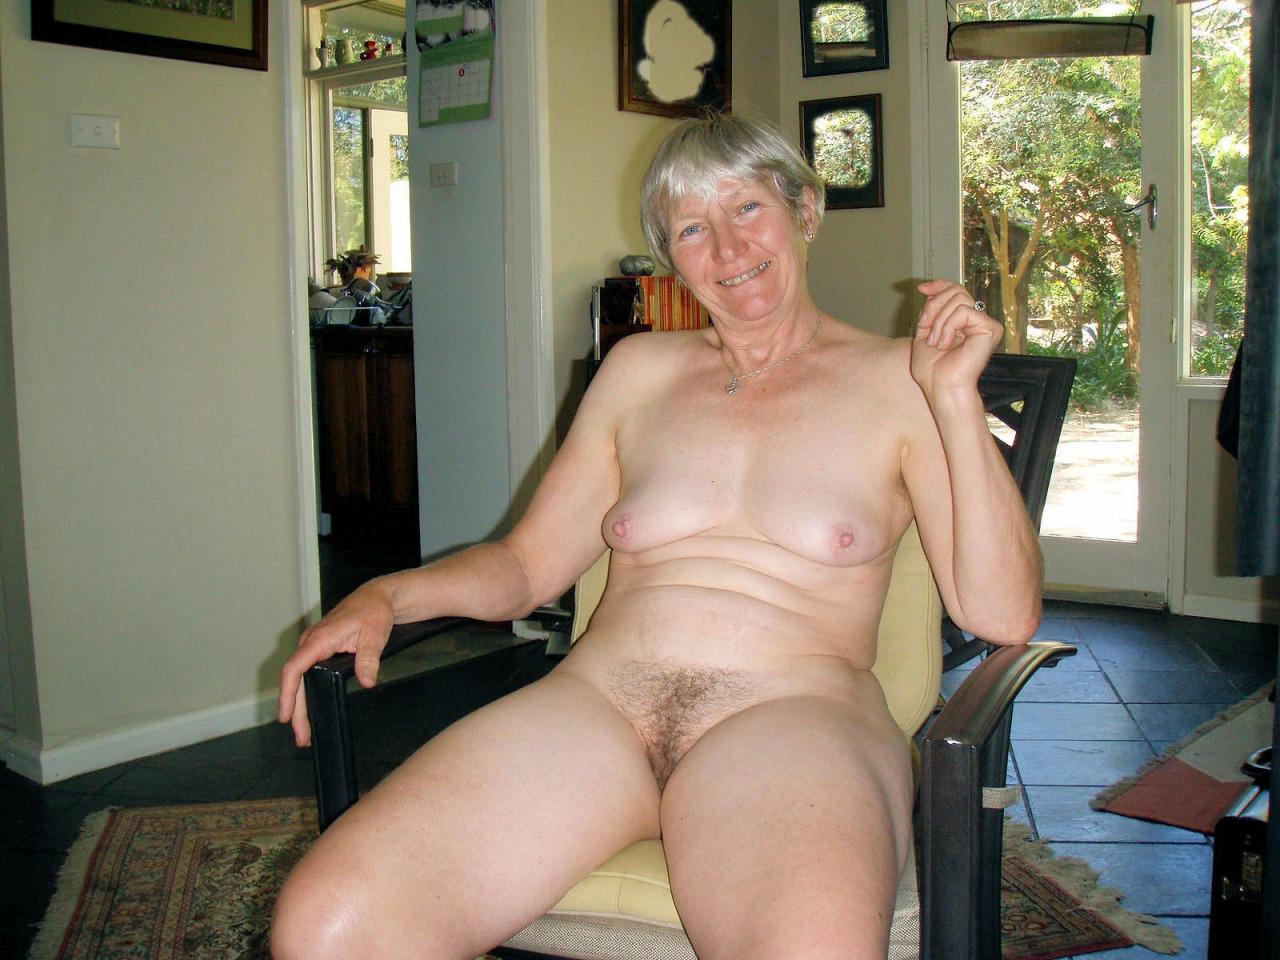 maman nue en photo sexe  022